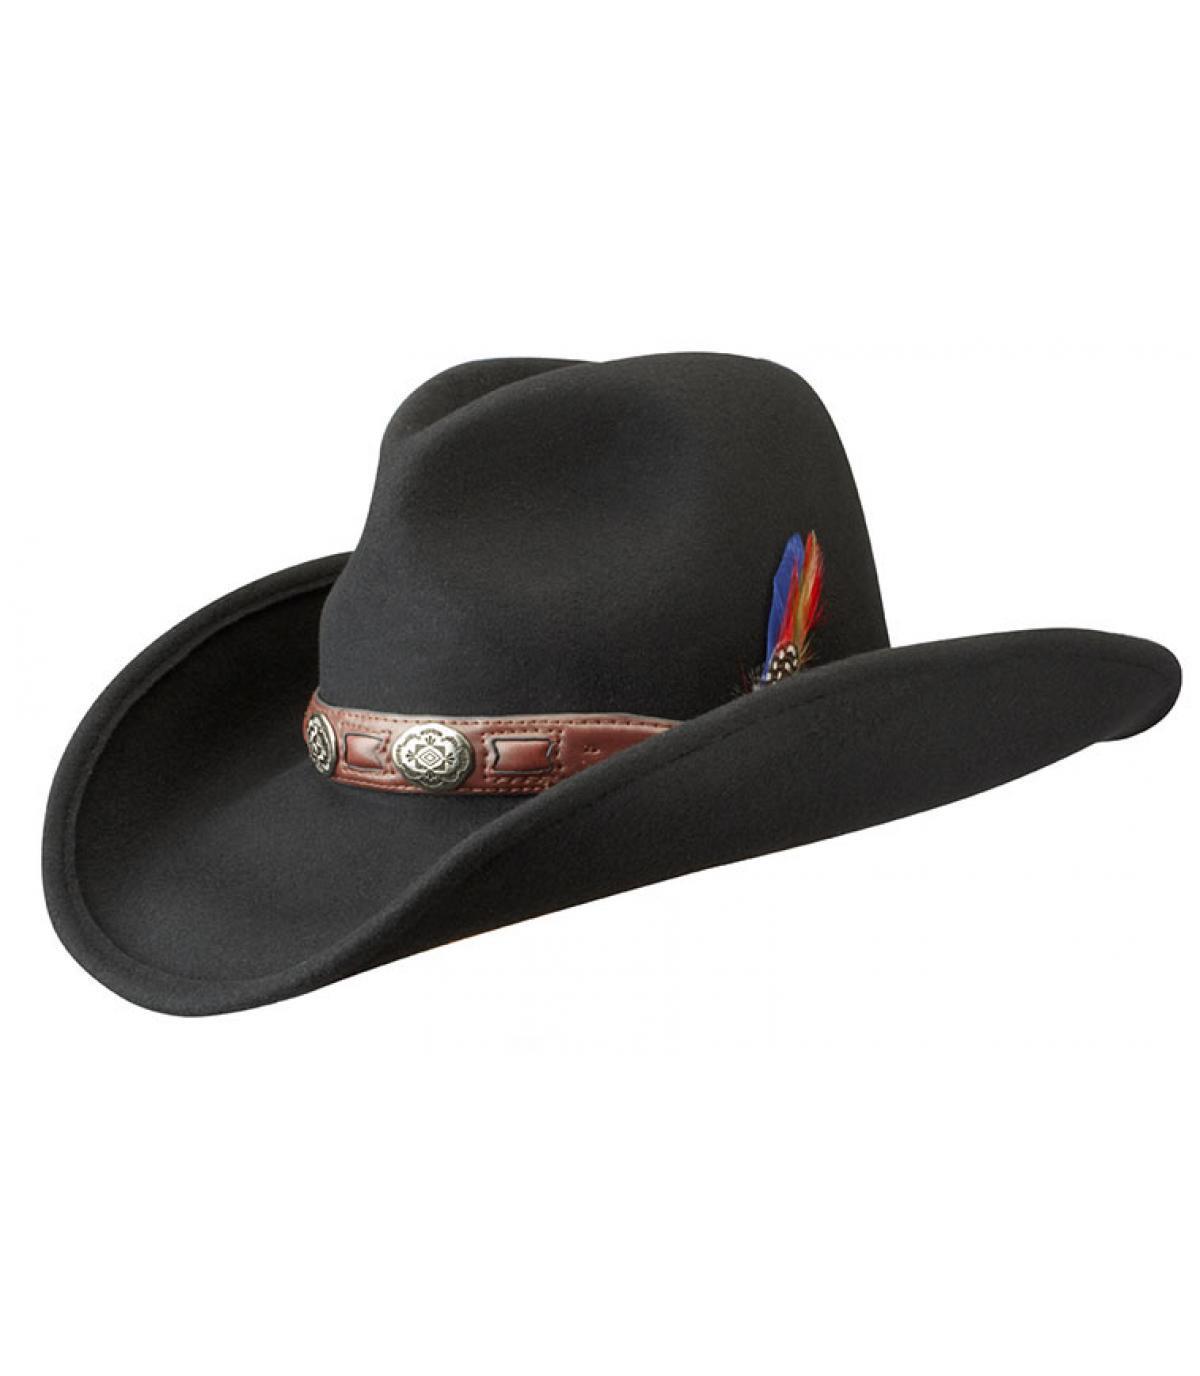 sombrero de vaquero Stetson